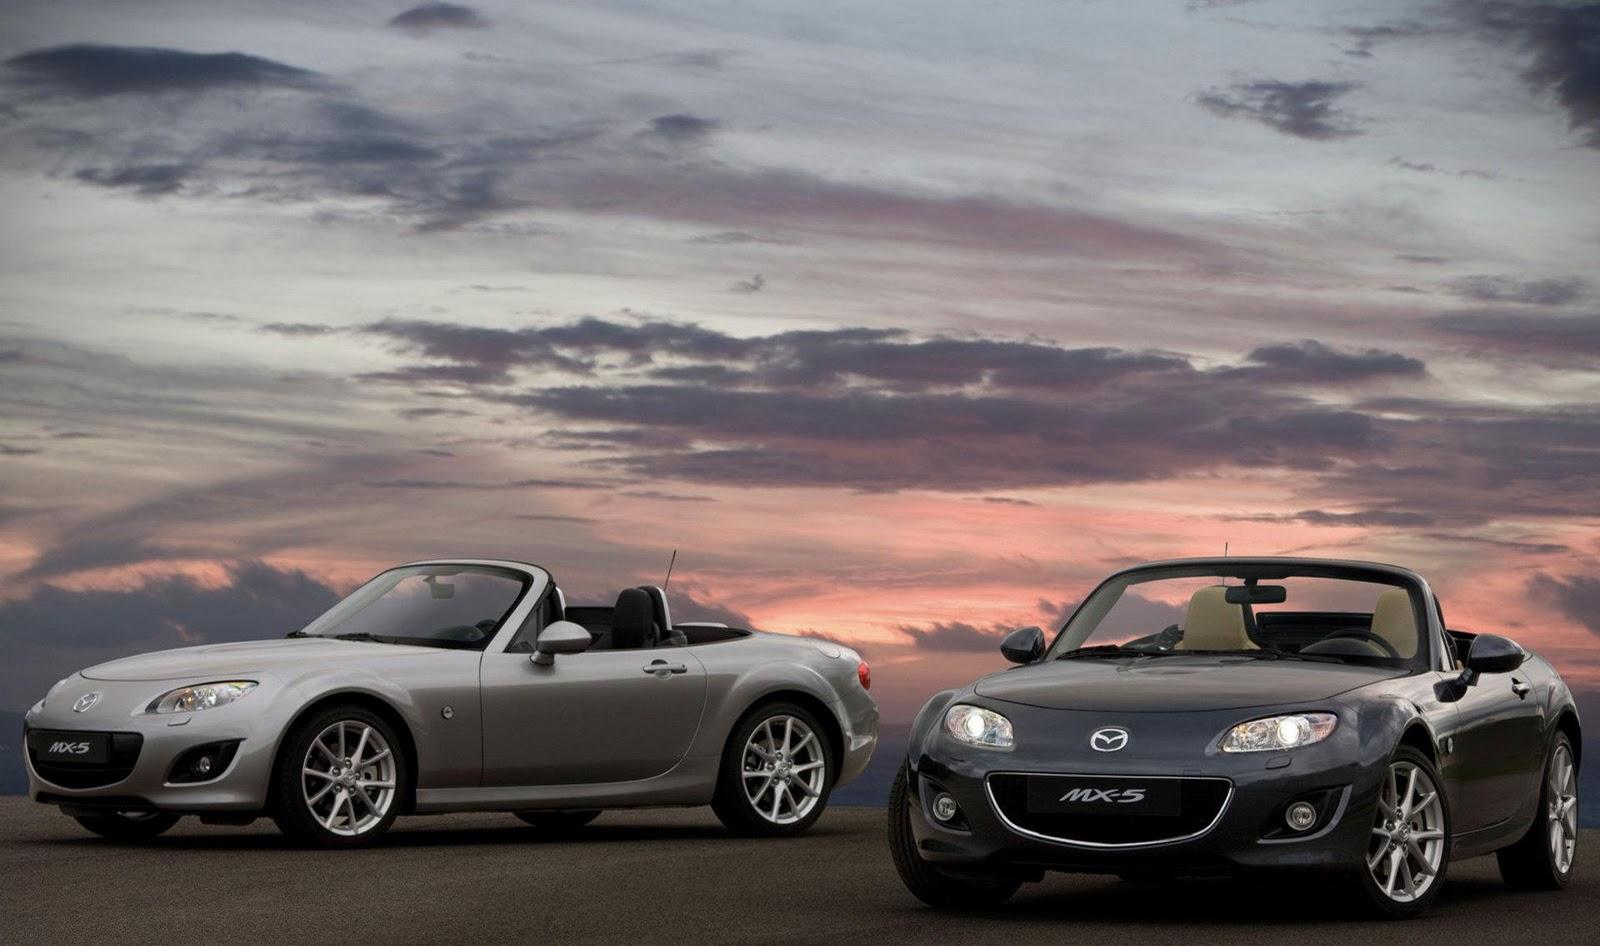 http://1.bp.blogspot.com/_7LQxj656qB0/TN_6TD0VifI/AAAAAAAAJrg/ylwIwlcDj_g/s1600/2009+Mazda+MX-5.jpg